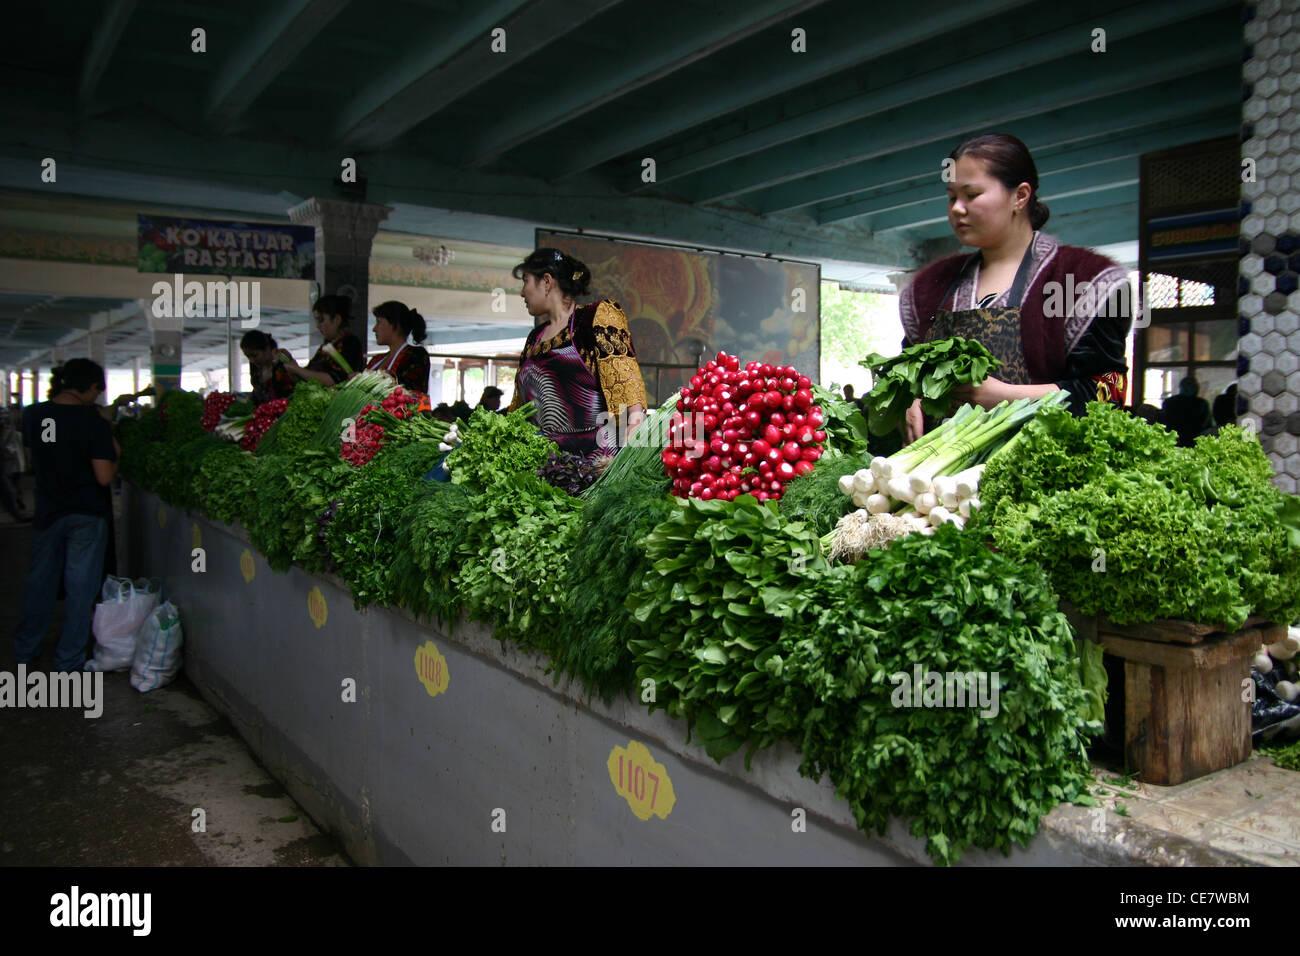 Signora tradizionali verdure di vendita in un mercato di Samarcanda in Uzbekistan Immagini Stock